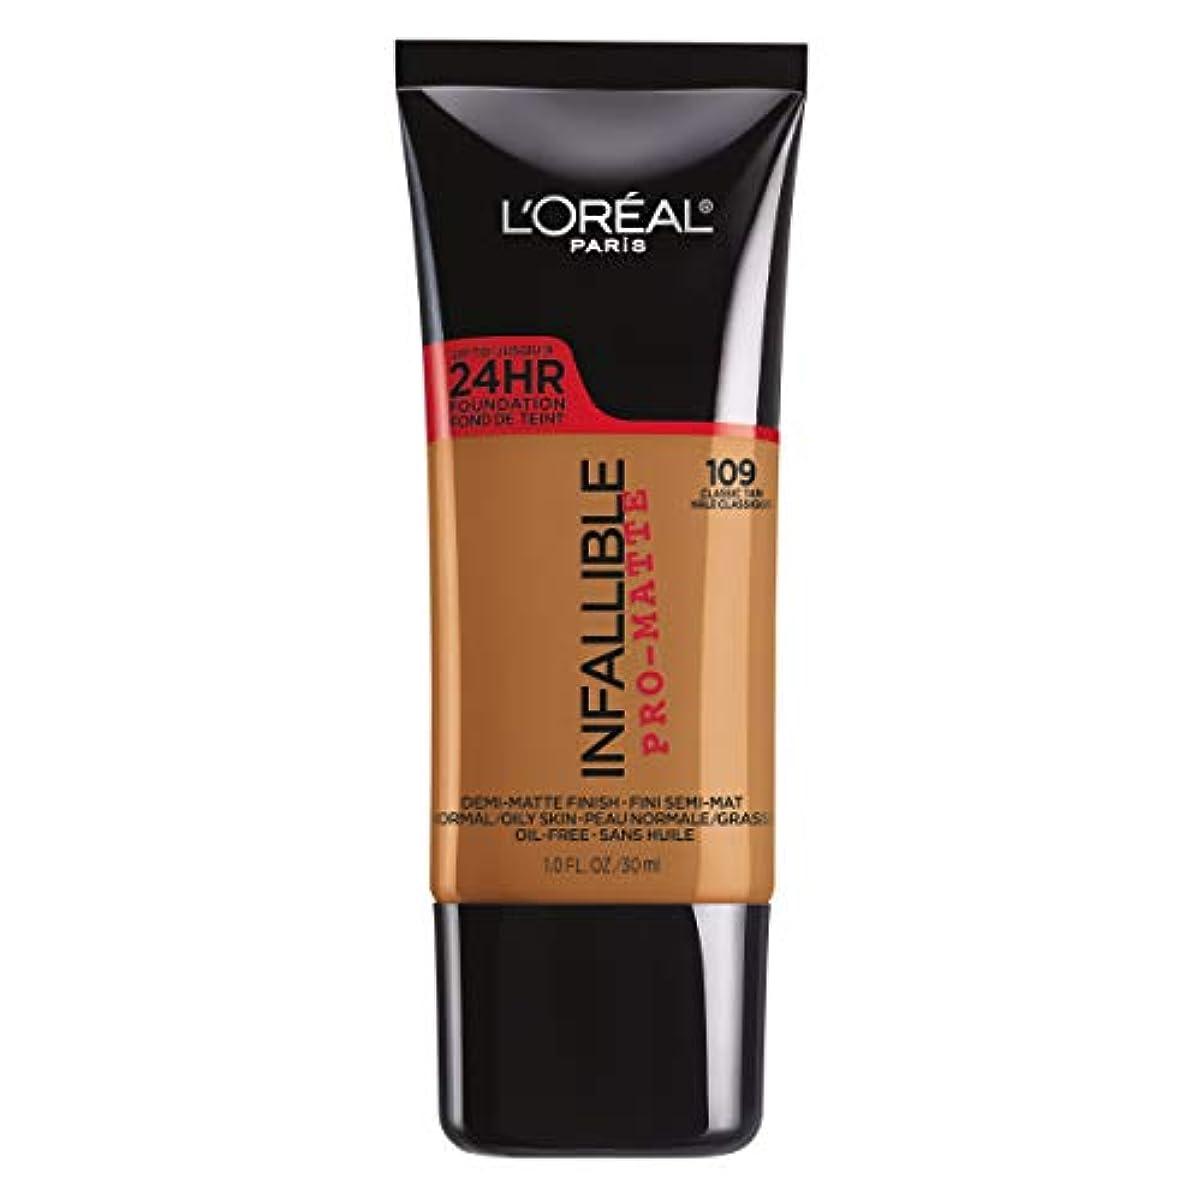 みなすコマンドシェトランド諸島L'Oreal Paris Infallible Pro-Matte Foundation Makeup, 109 Classic Tan, 1 fl. oz[並行輸入品]